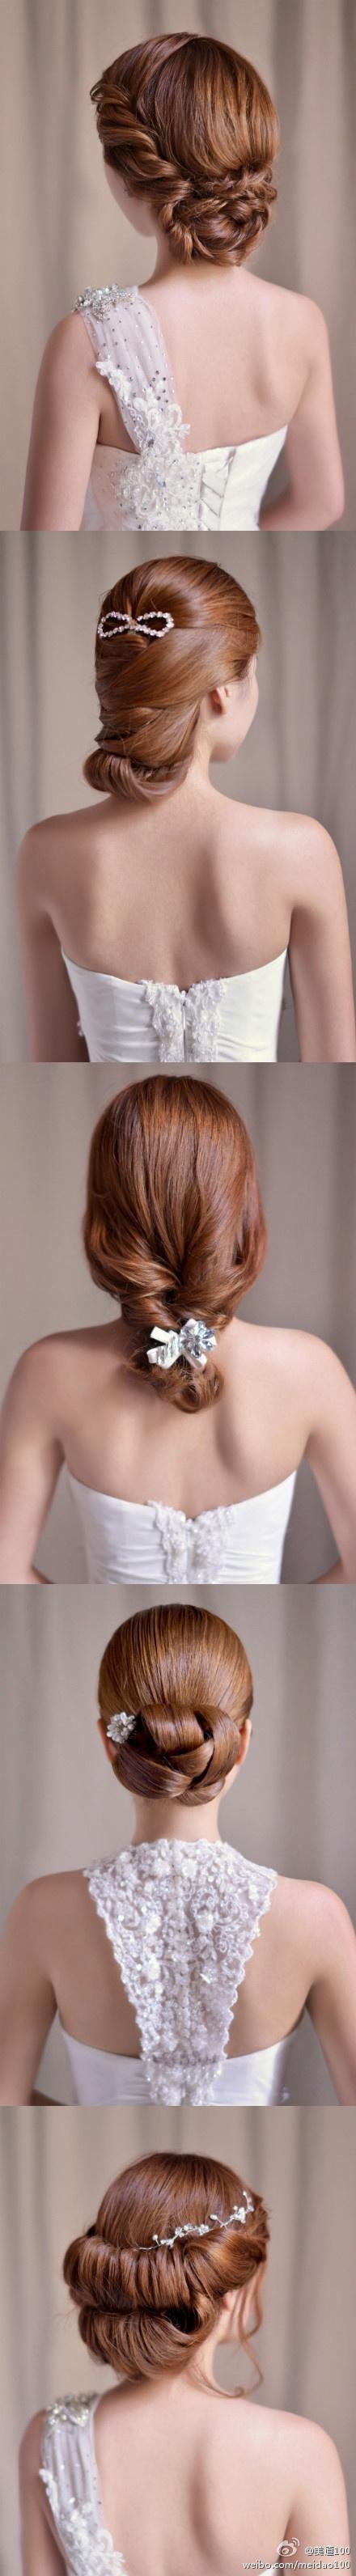 5 hair ideas for wedding